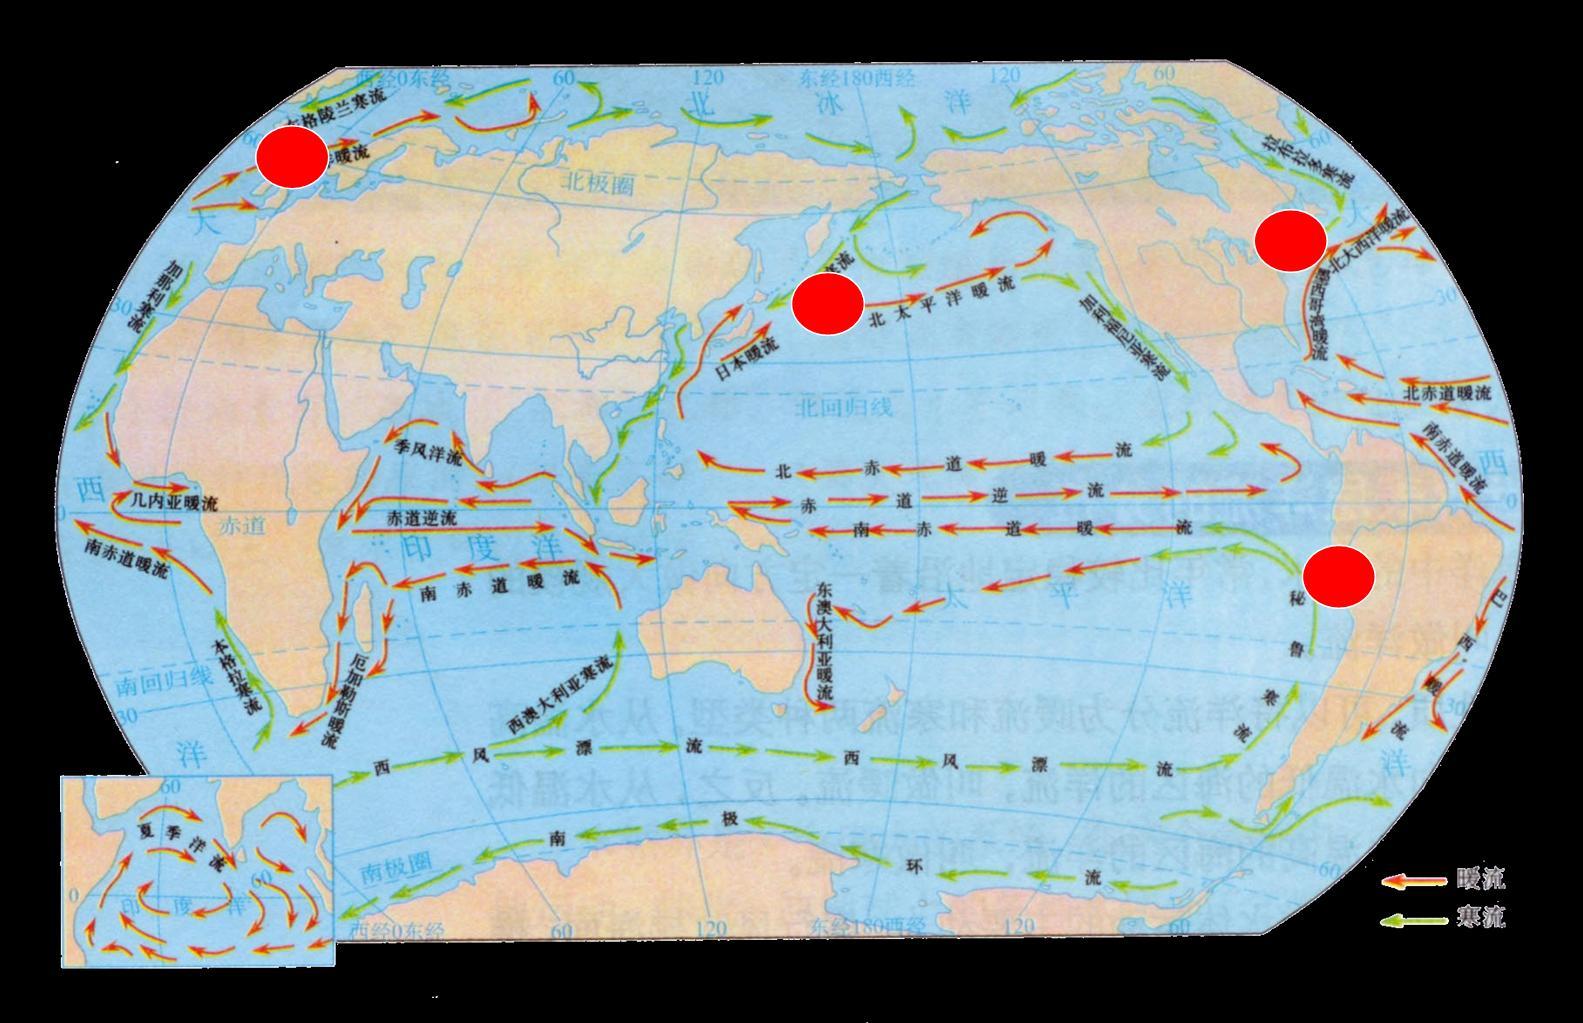 图为三个海区洋流分布示意图,读图完成22-23题.22.图示洋流中( )23.图片